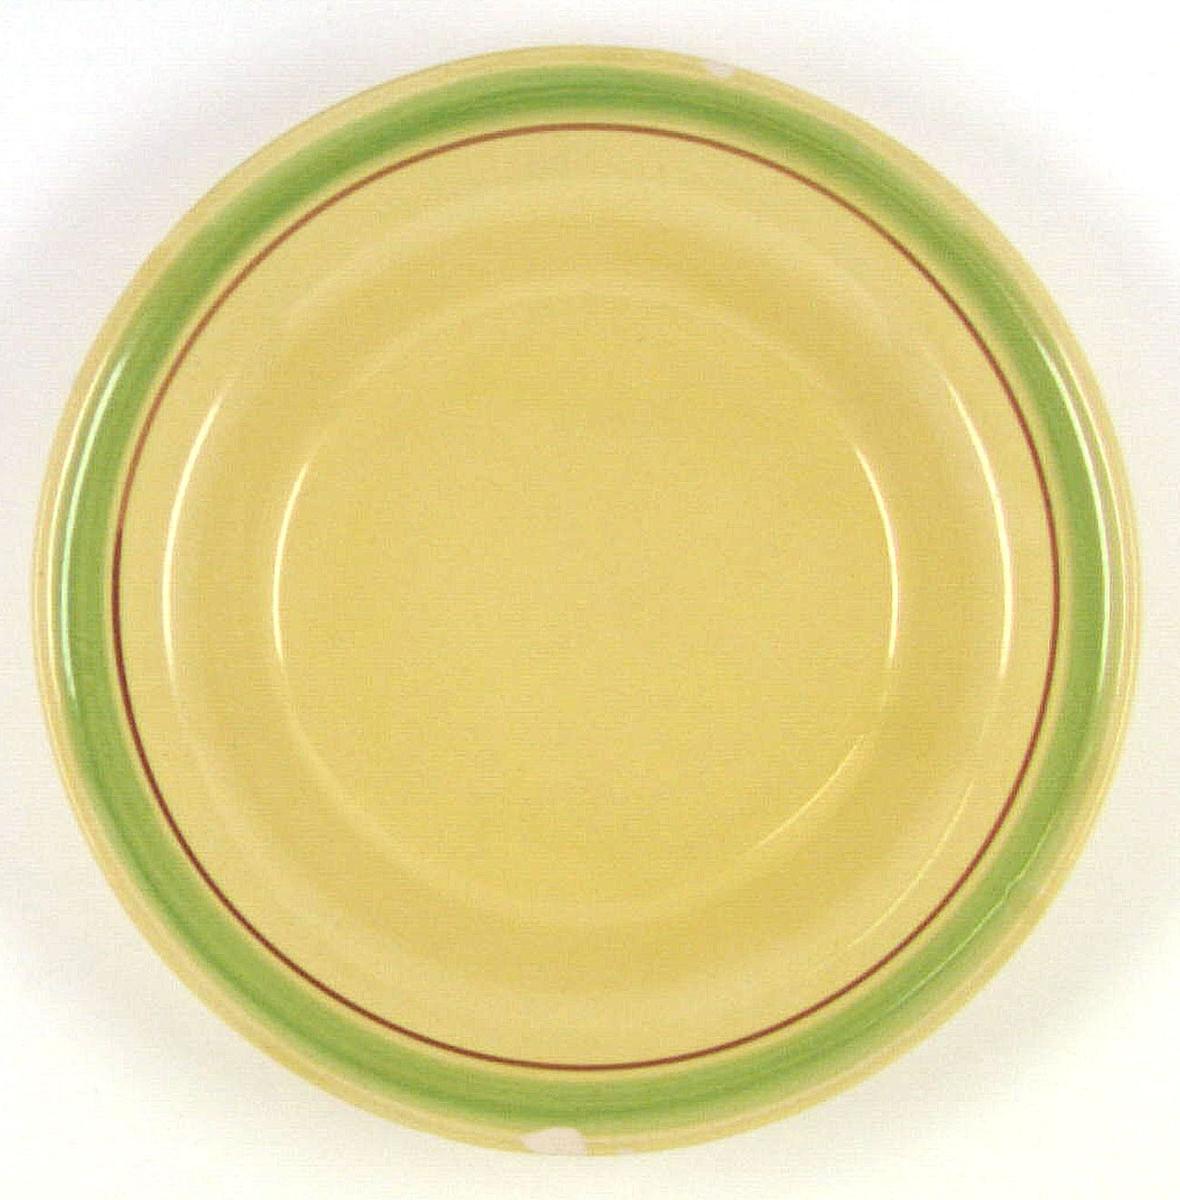 Djup mattallrik tillverkad vid Bo Fajans. Försedd med glasyren Viva, gul med handmålad rand i grönt och brunt. Glasyren användes 1939-1943. PÅ undersidan finns följande text: Termo Bo Fajans Gefle, Made in Sweden 1732/3 Viva.